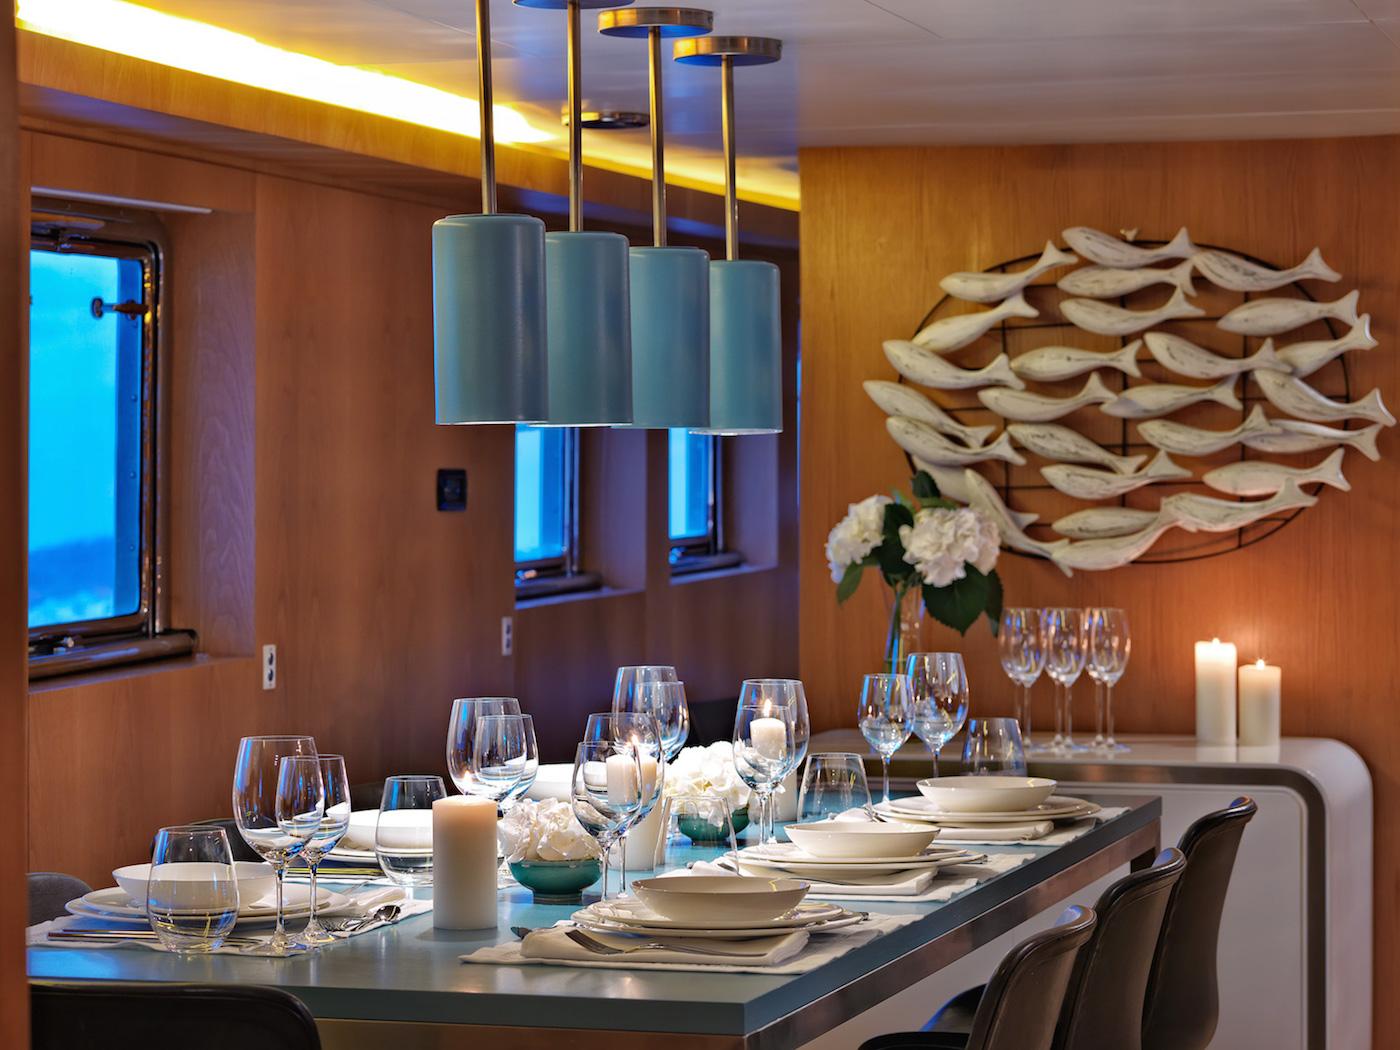 Elegant interior dining